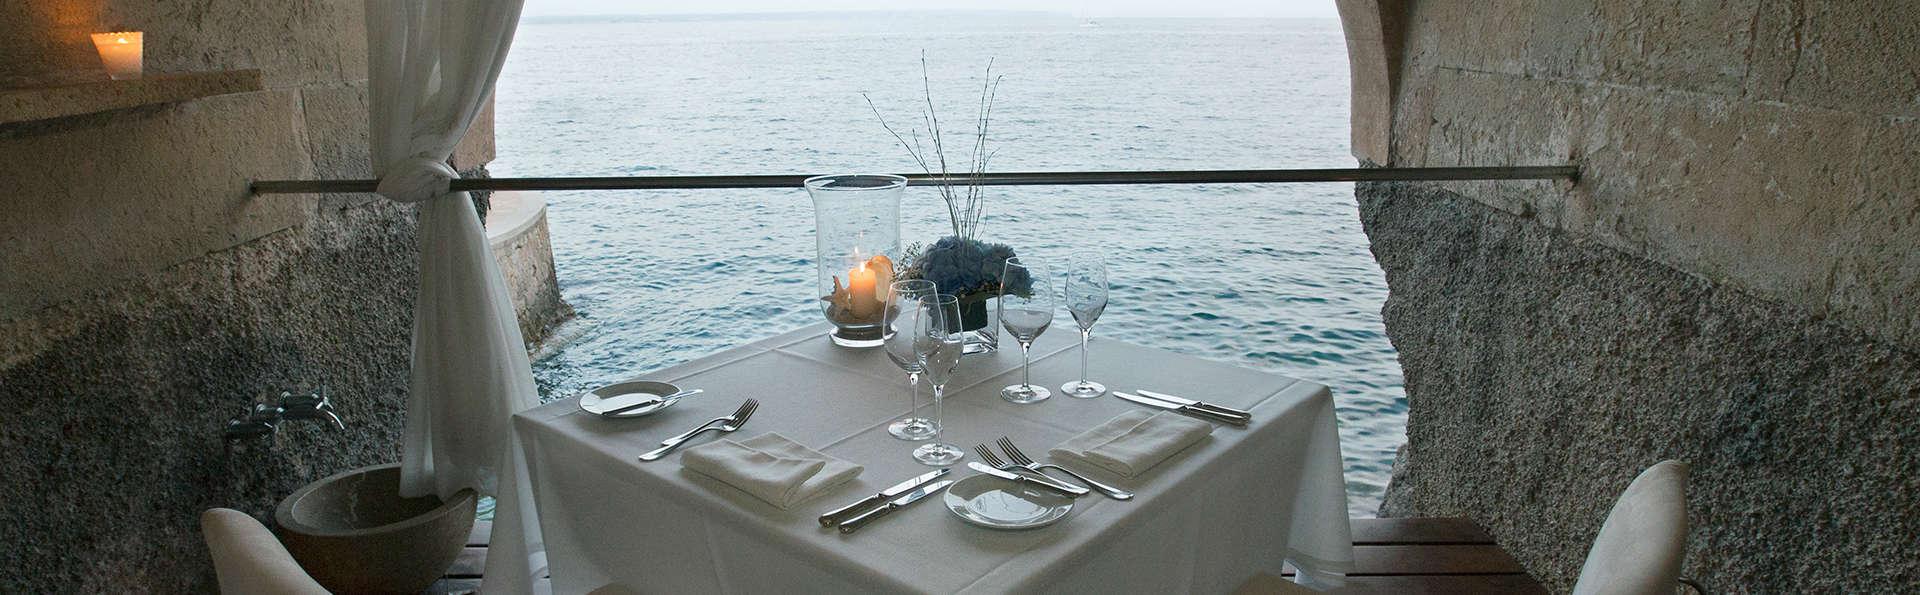 Week-end romantique avec dîner, spa et piscine dans la chambre : vivez votre histoire d'amour comme dans les films